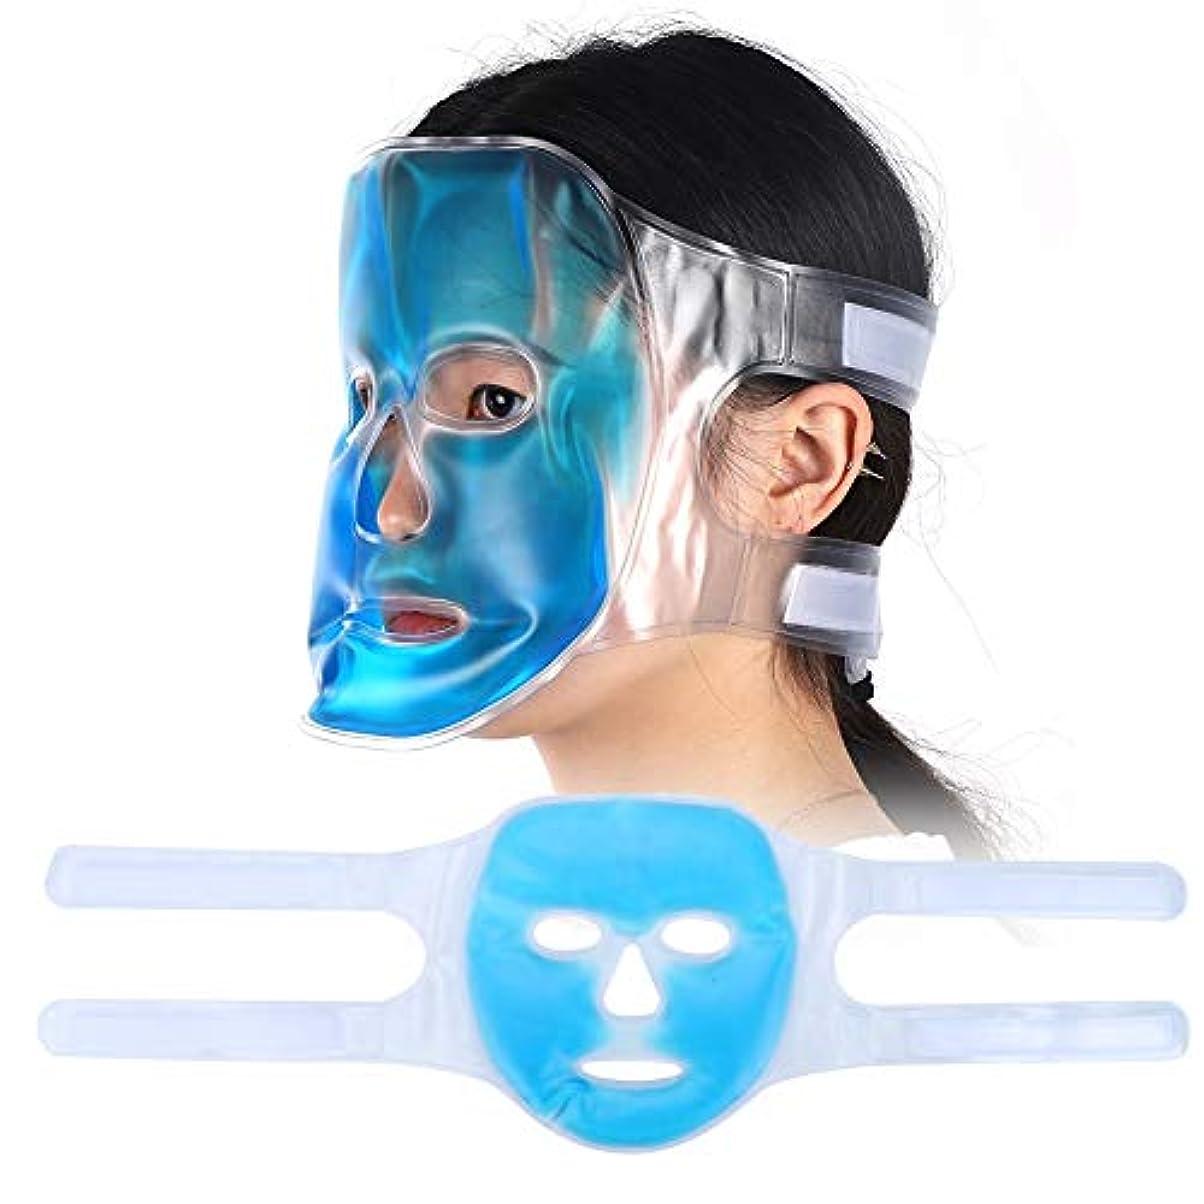 代名詞スリム神経障害非毒性 保湿 ジェルブルーフェイスマスク 疲労緩和 リラクゼーションフルフェイスクーリングマスク